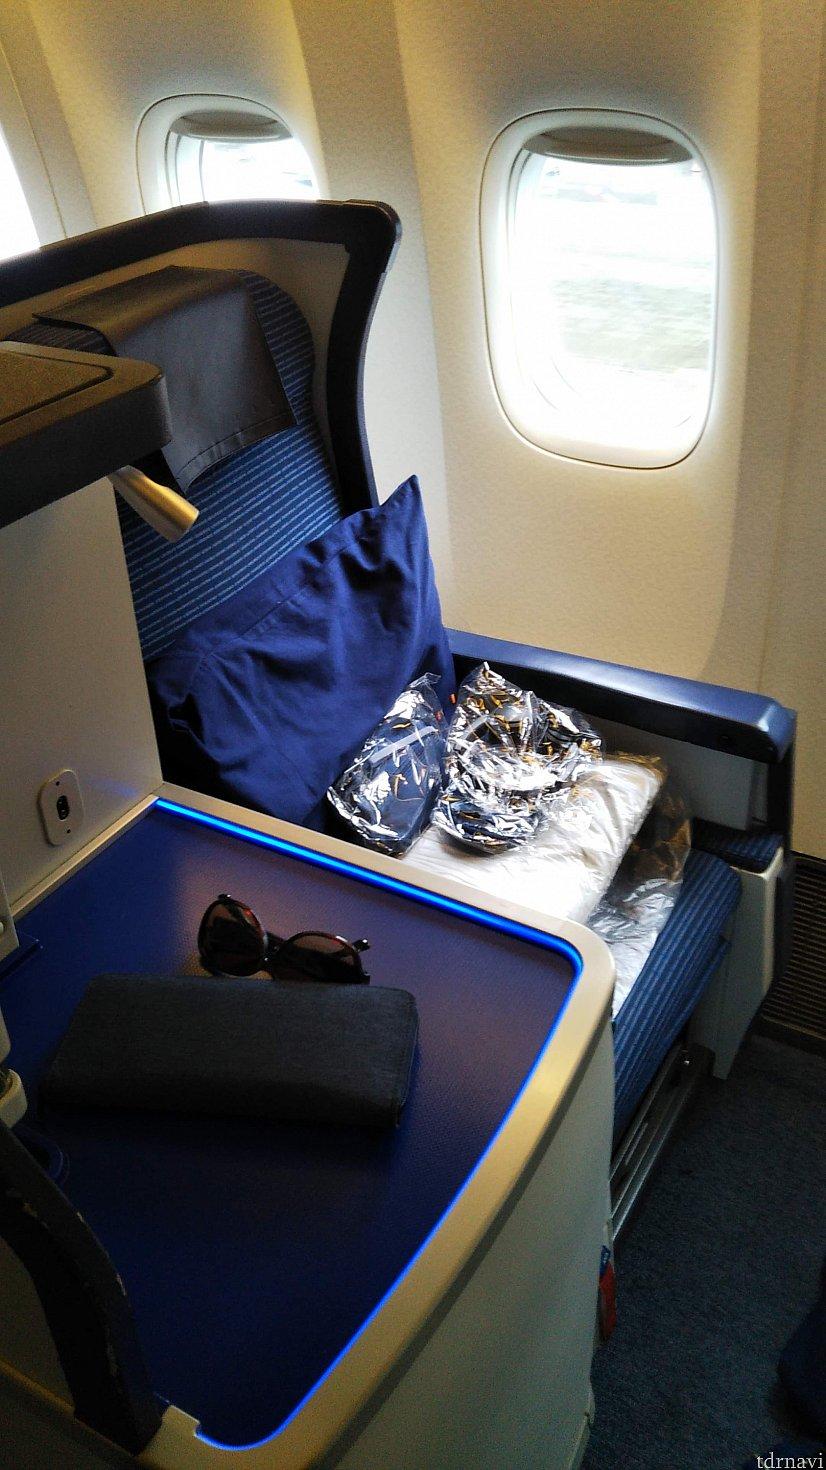 楽しい夢の国への旅の始まりです。 座席は7Aを指定しました。 大部屋の一番前の窓際席です。